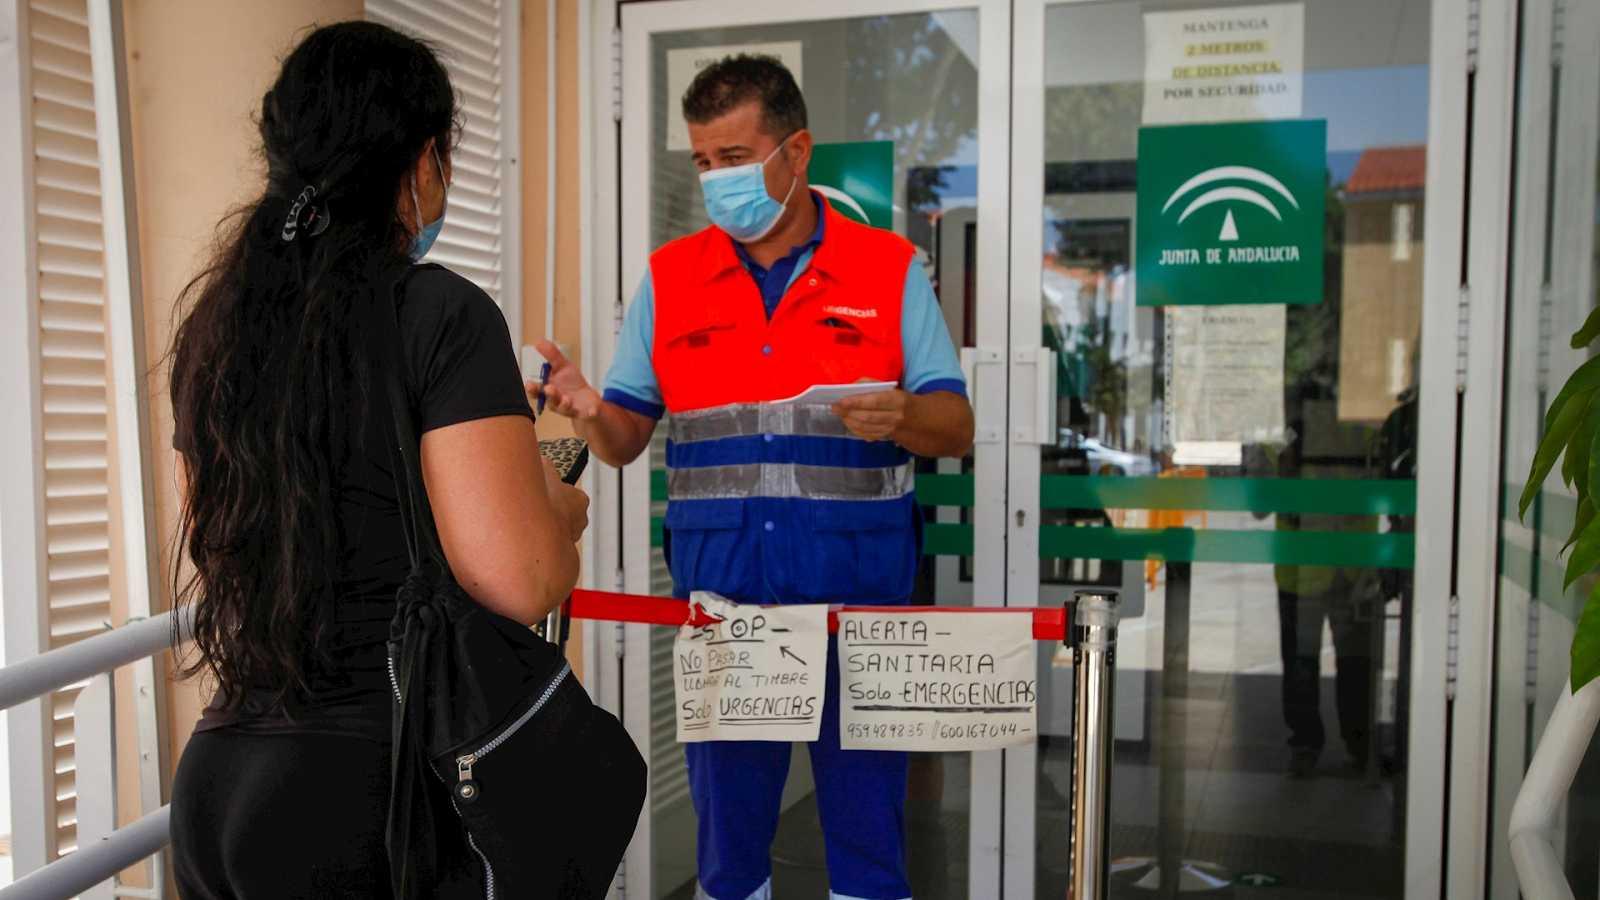 """14 horas Fin de Semana - Las consecuencias de la pandemia más allá de la COVID-19: """"La falta de seguimiento de otras patologías, está provocando sufrimiento"""" - Escuchar ahora"""